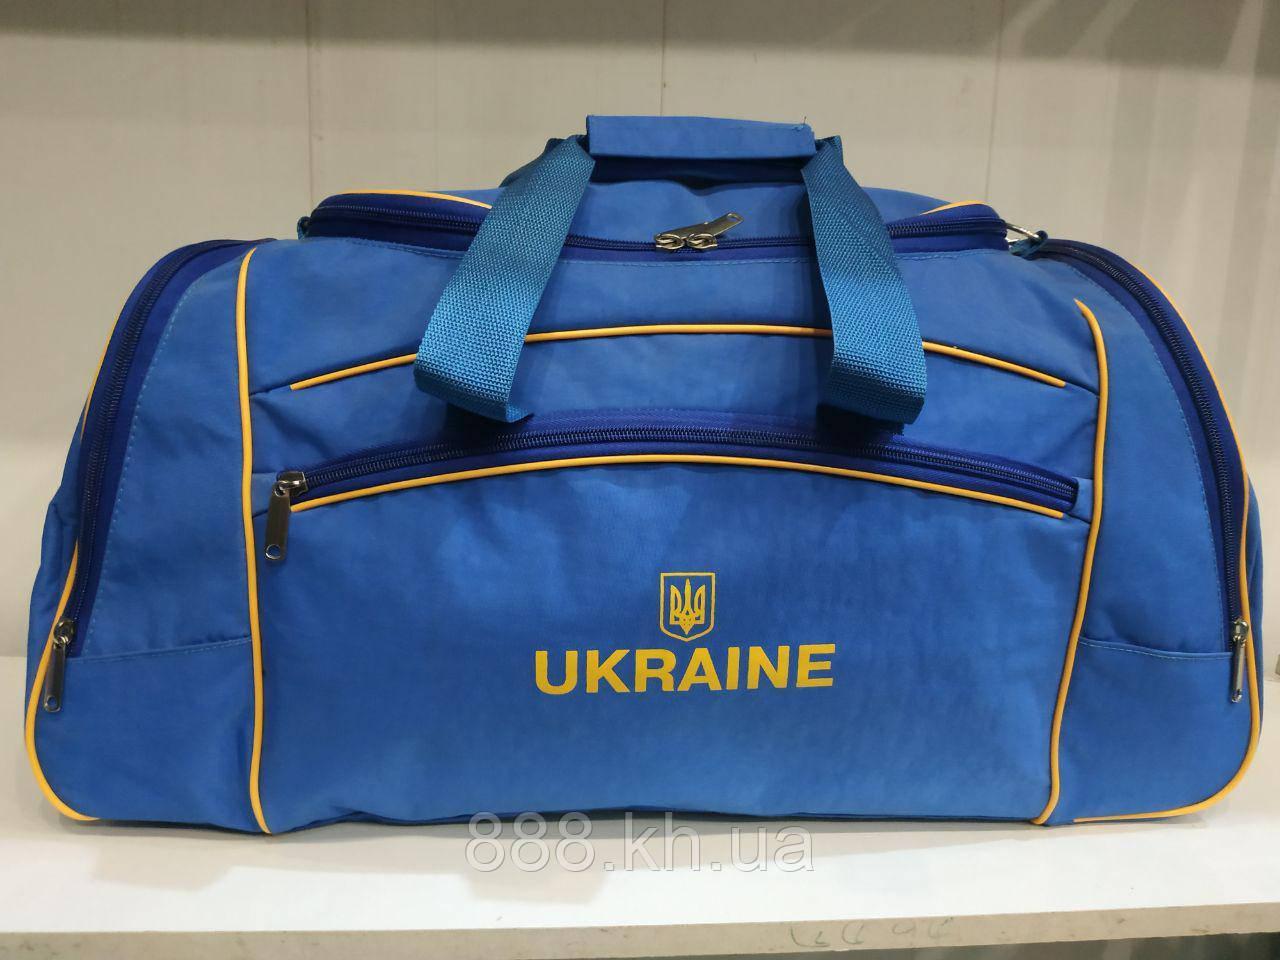 Дорожная универсальная сумка Ukraine, сумка для поездок, дорожная сумка (синий)